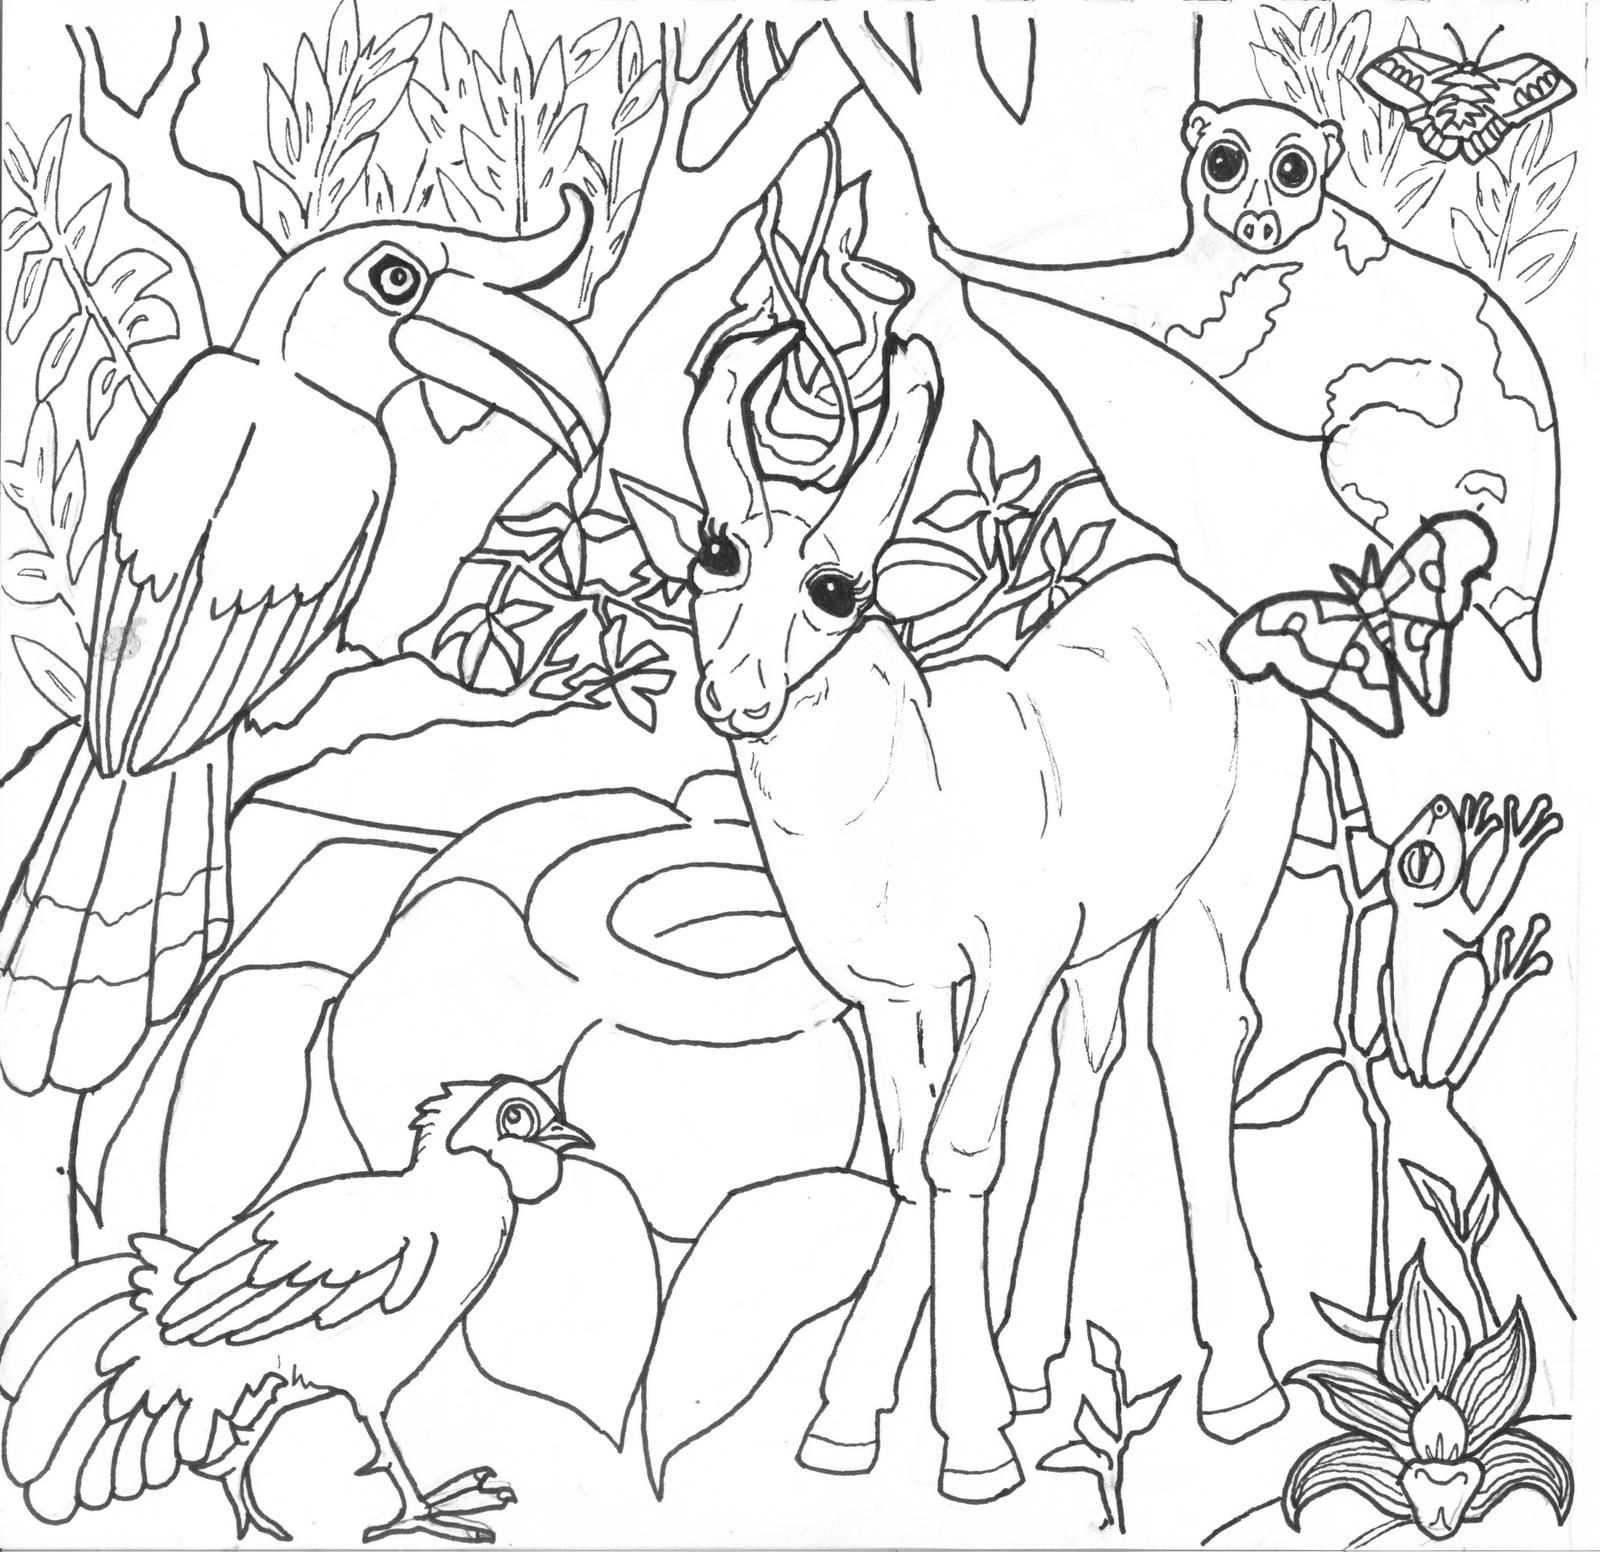 Drawn rainforest Rainforest coloring Download Download Rainforest